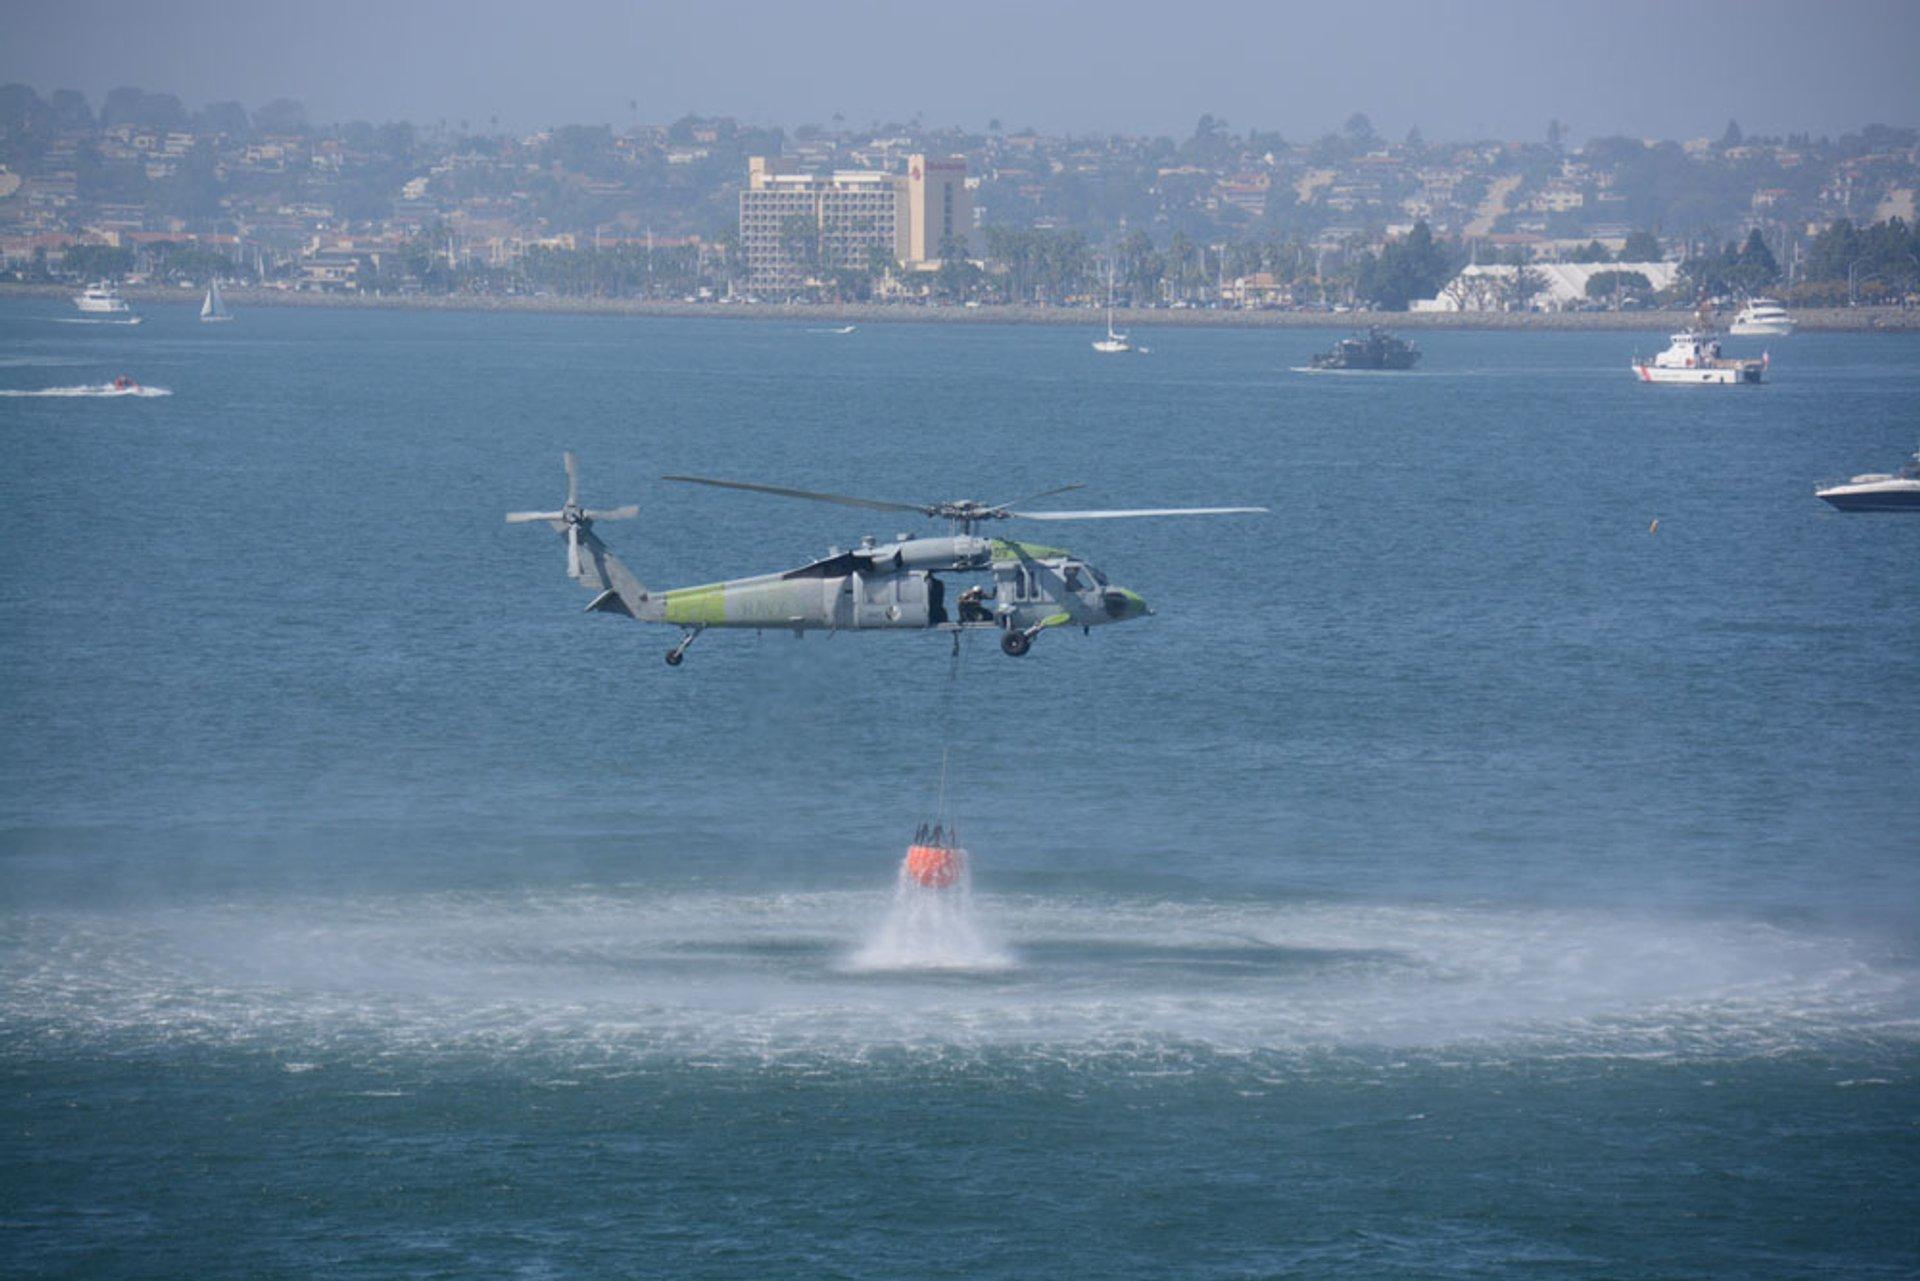 Best time to see Fleet Week San Diego in San Diego 2020